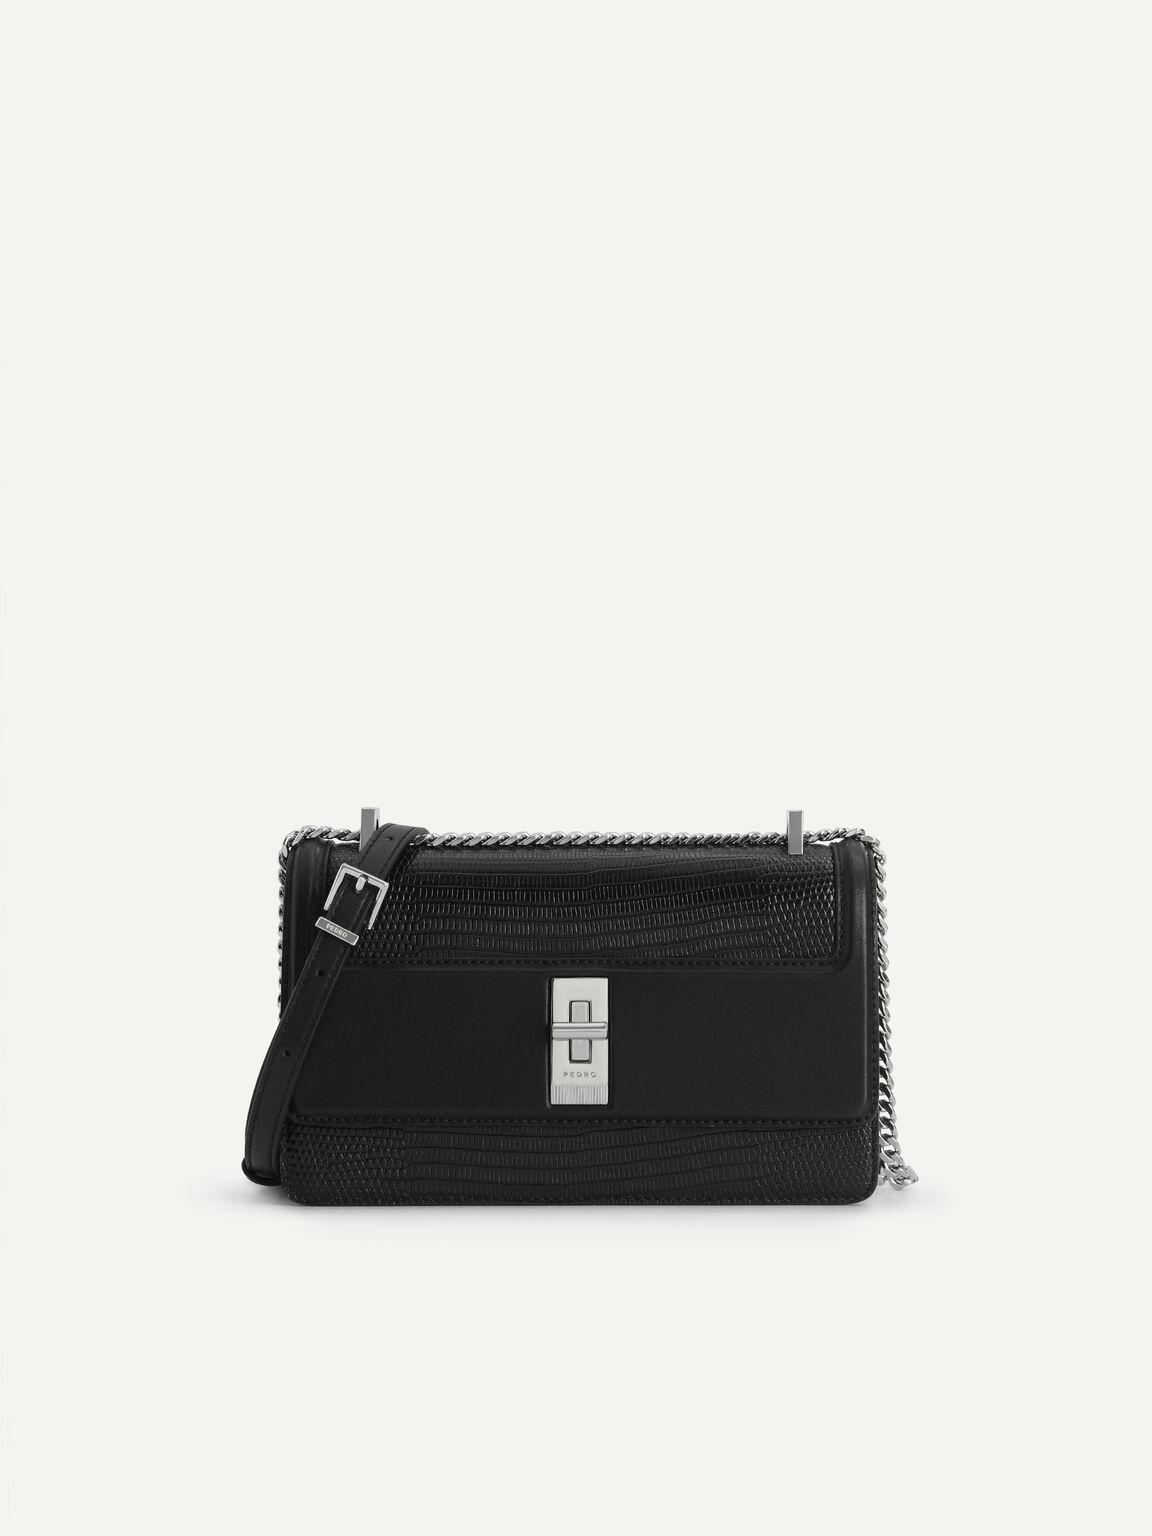 Lizard-Effect Leather Shoulder Bag, Black, hi-res